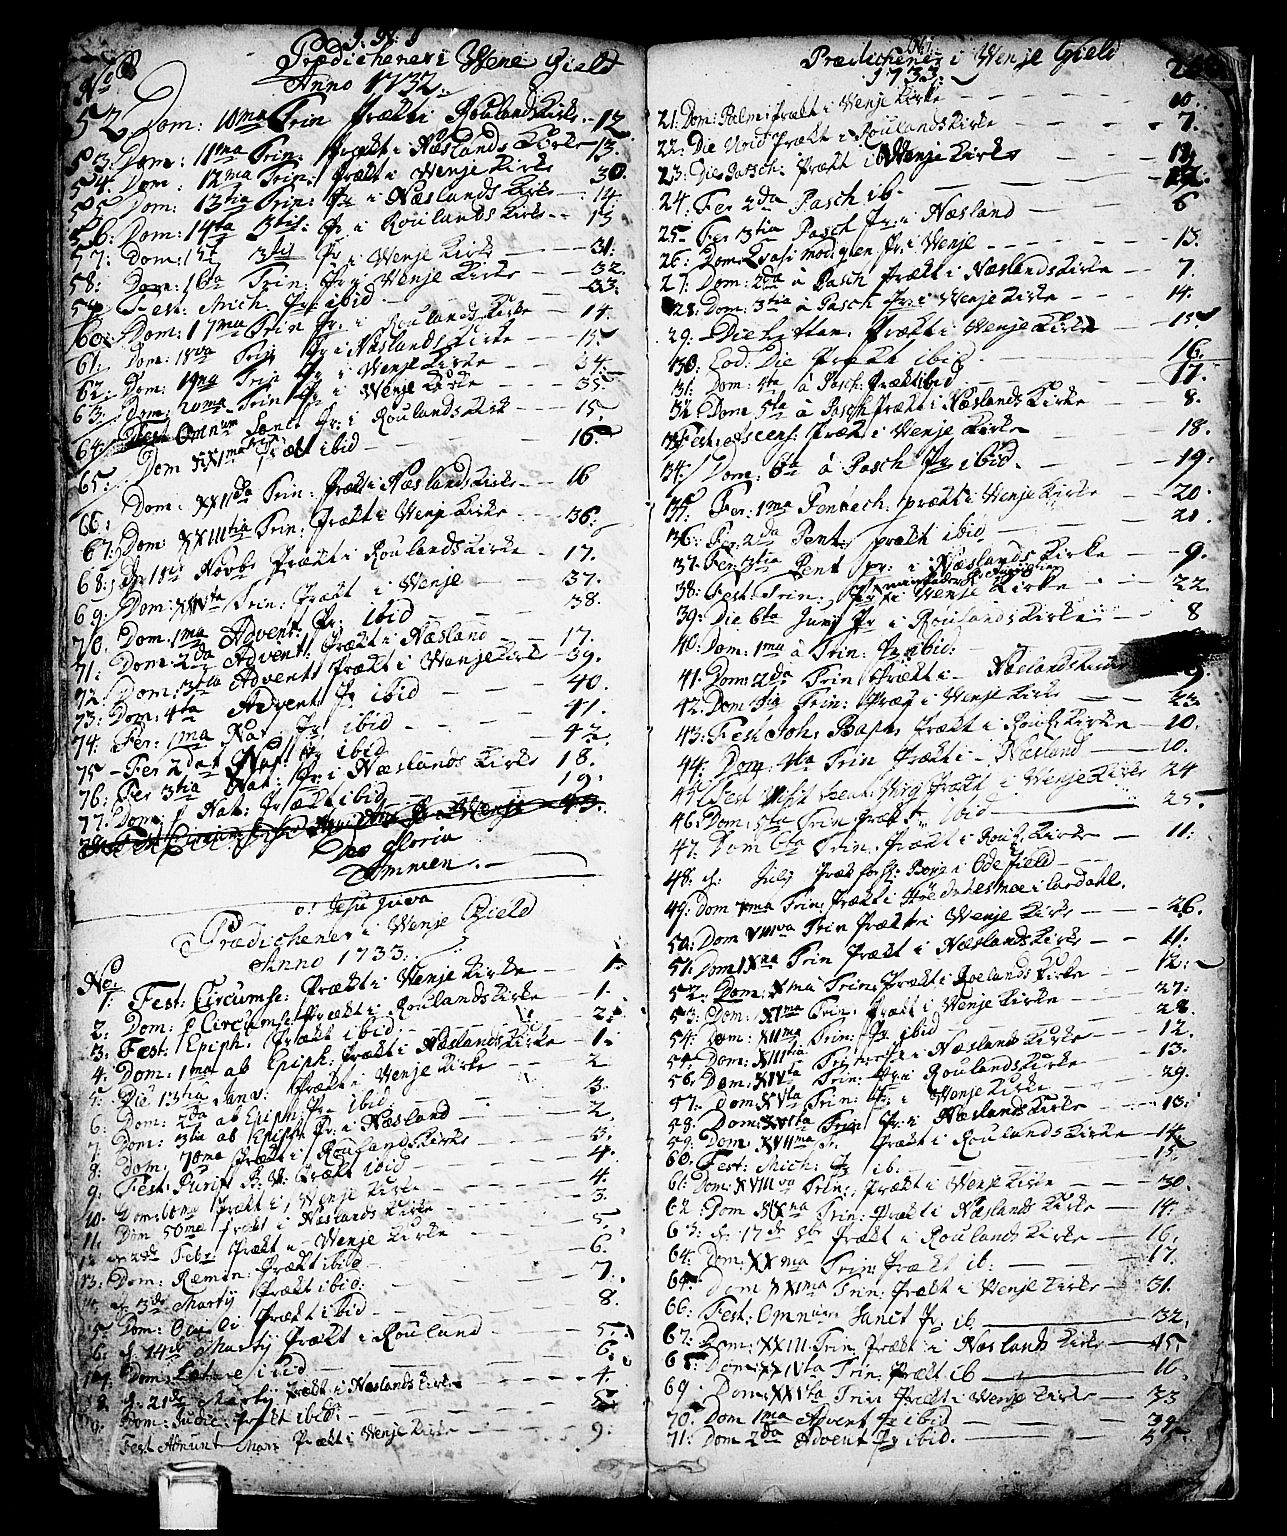 SAKO, Vinje kirkebøker, F/Fa/L0001: Ministerialbok nr. I 1, 1717-1766, s. 253